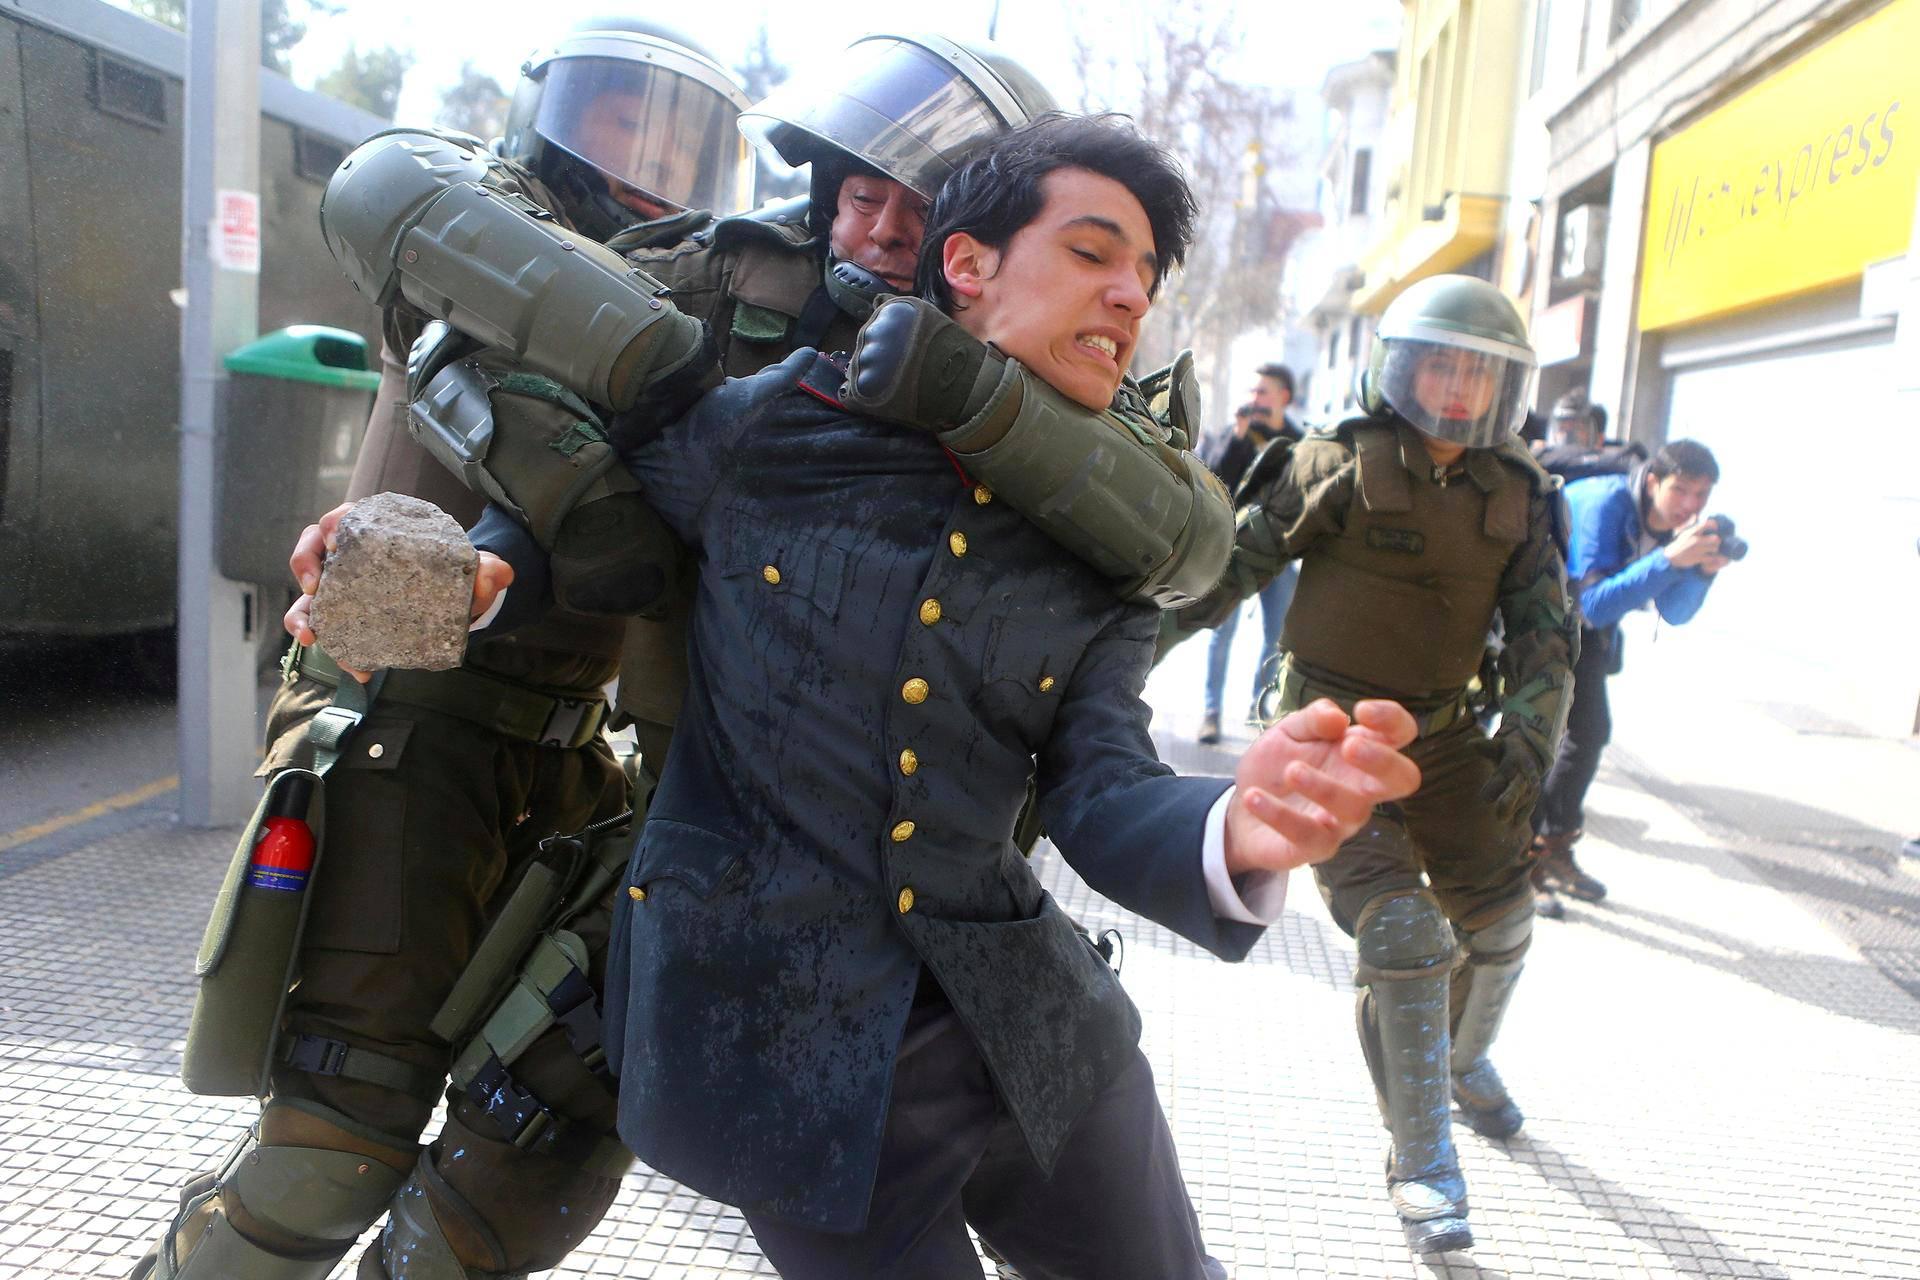 Poliisi pidätti mielenosoittajan, joka vaati muutoksia opetusjärjestelmään Santiagossa, Chilessä.